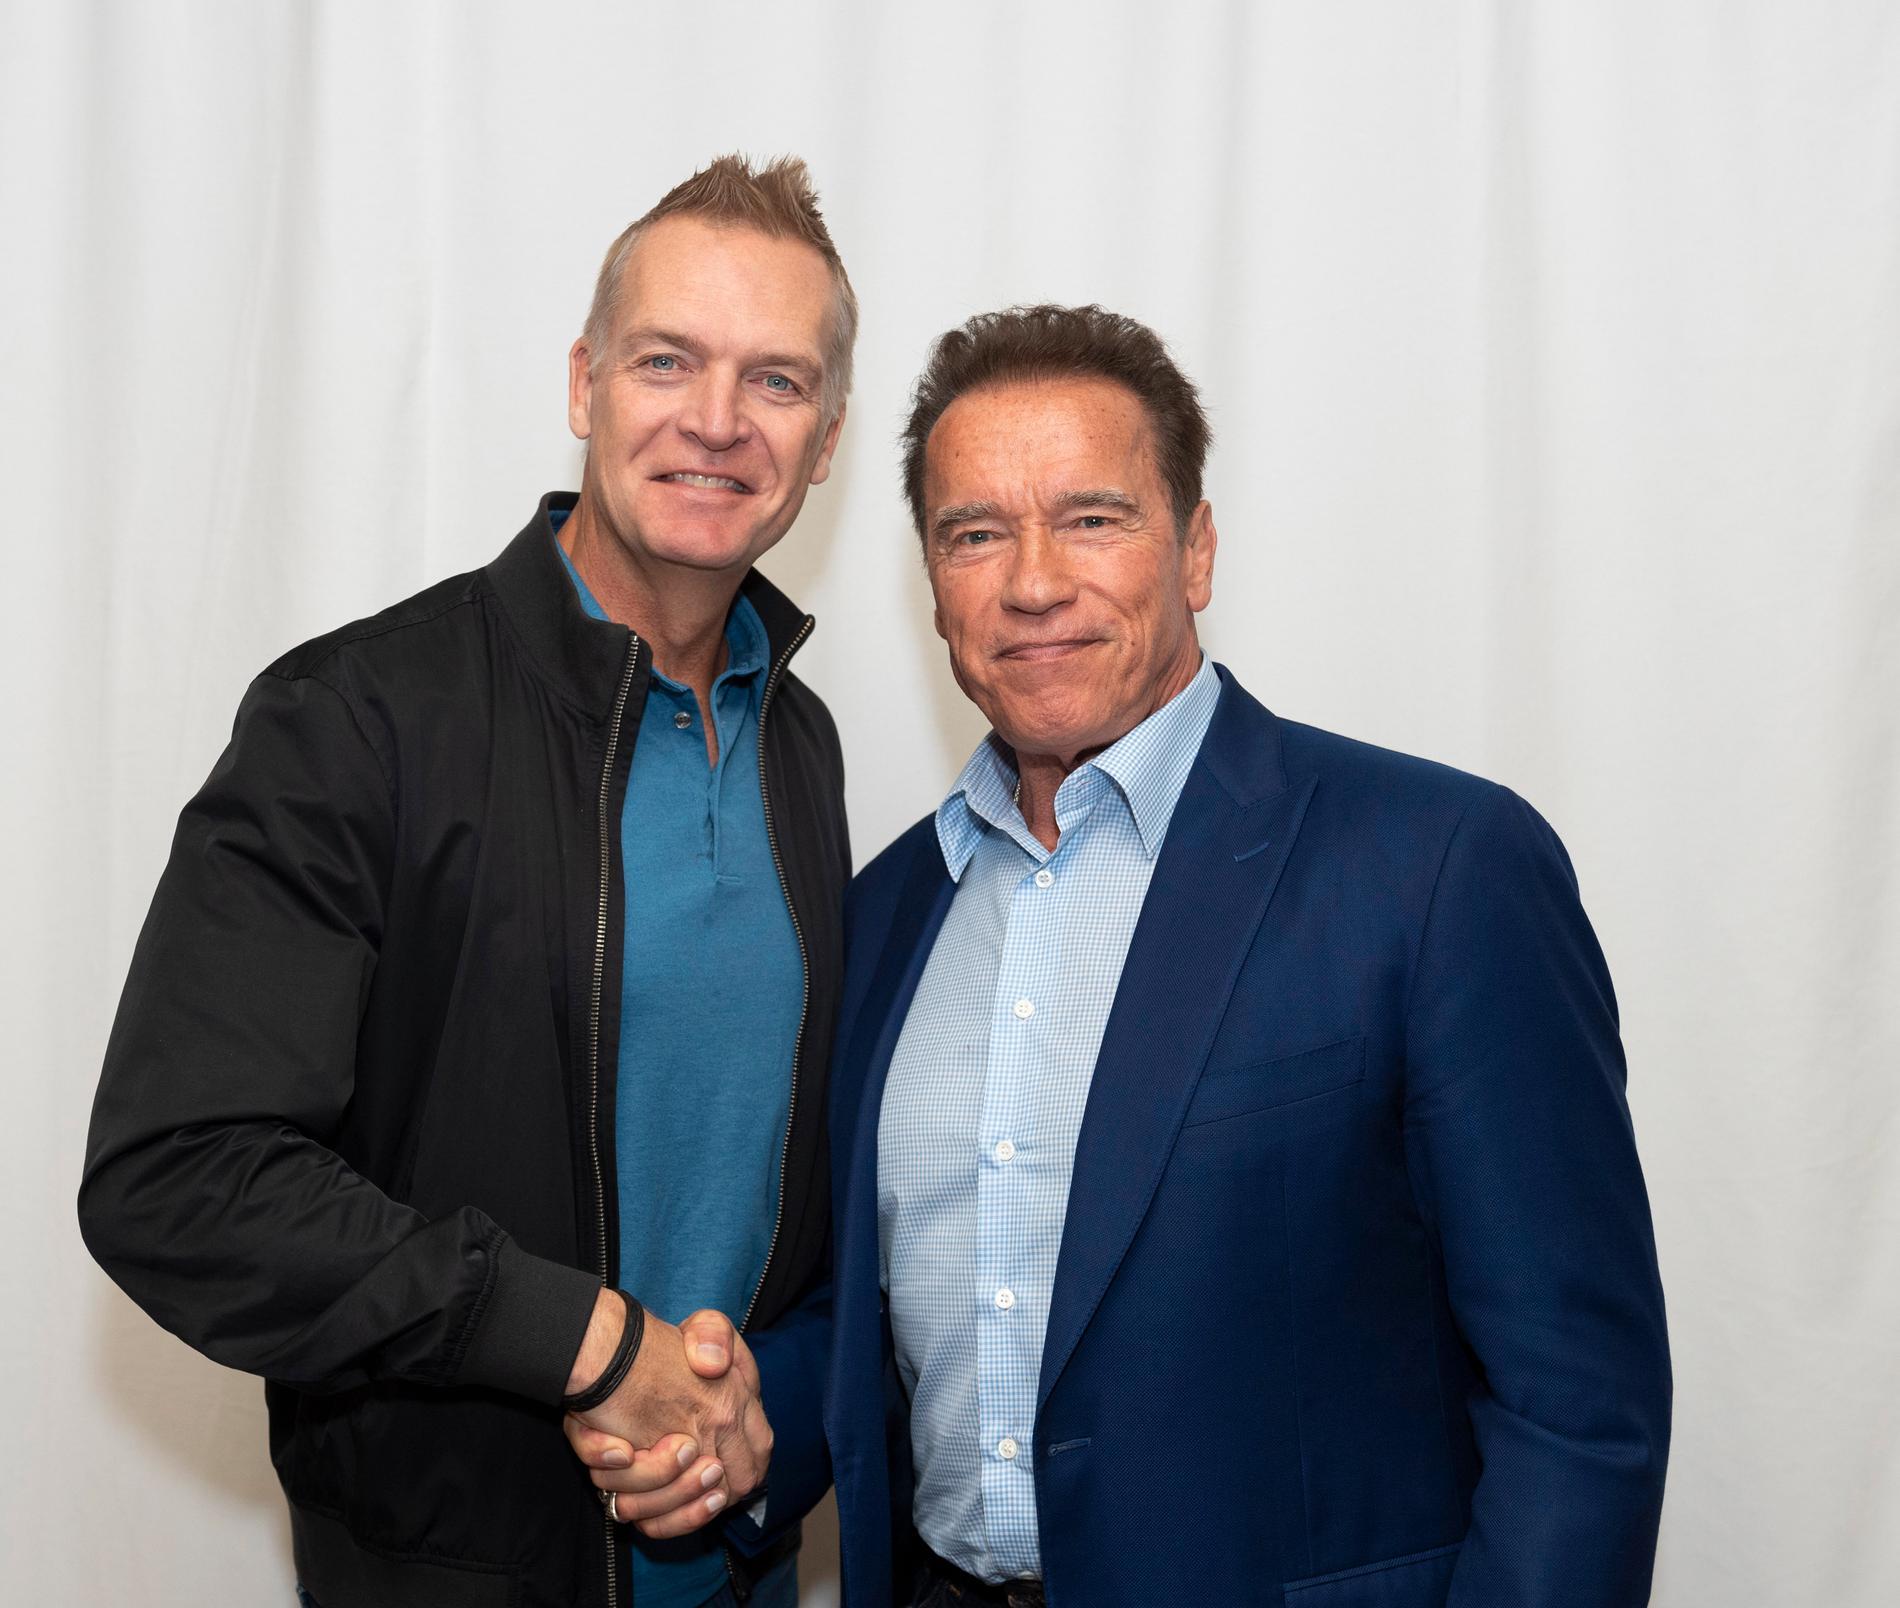 Nöjesbladets Hollywoodreporter Magnus Sundholm möter Arnold Schwarzenegger.